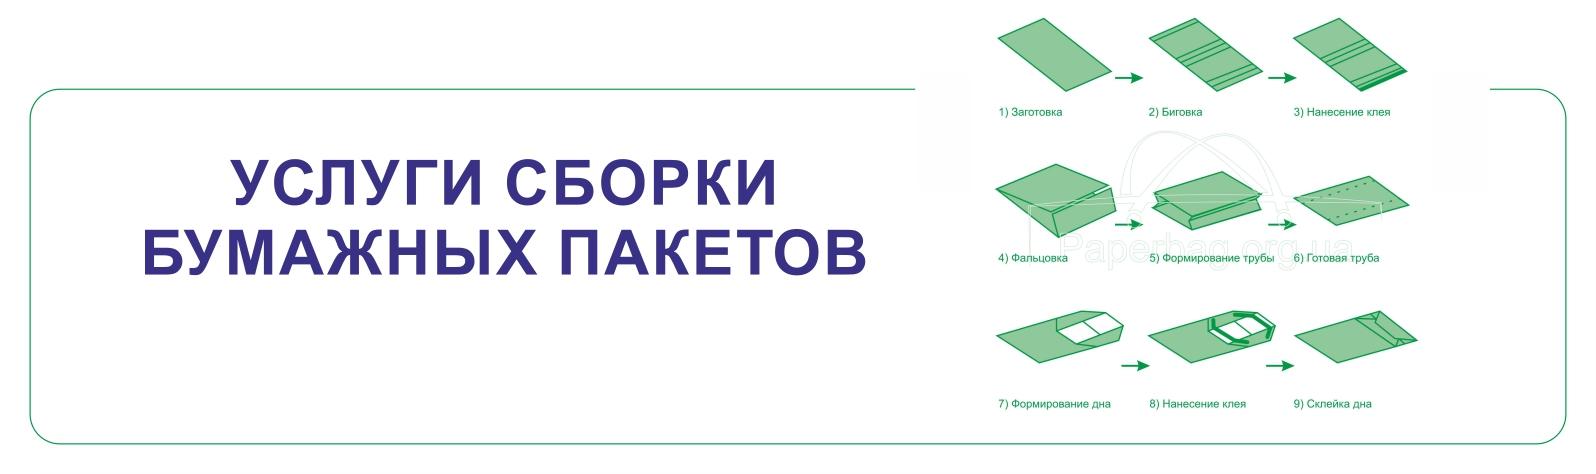 uslugi sborki bumagnih paketov paperbag org ua